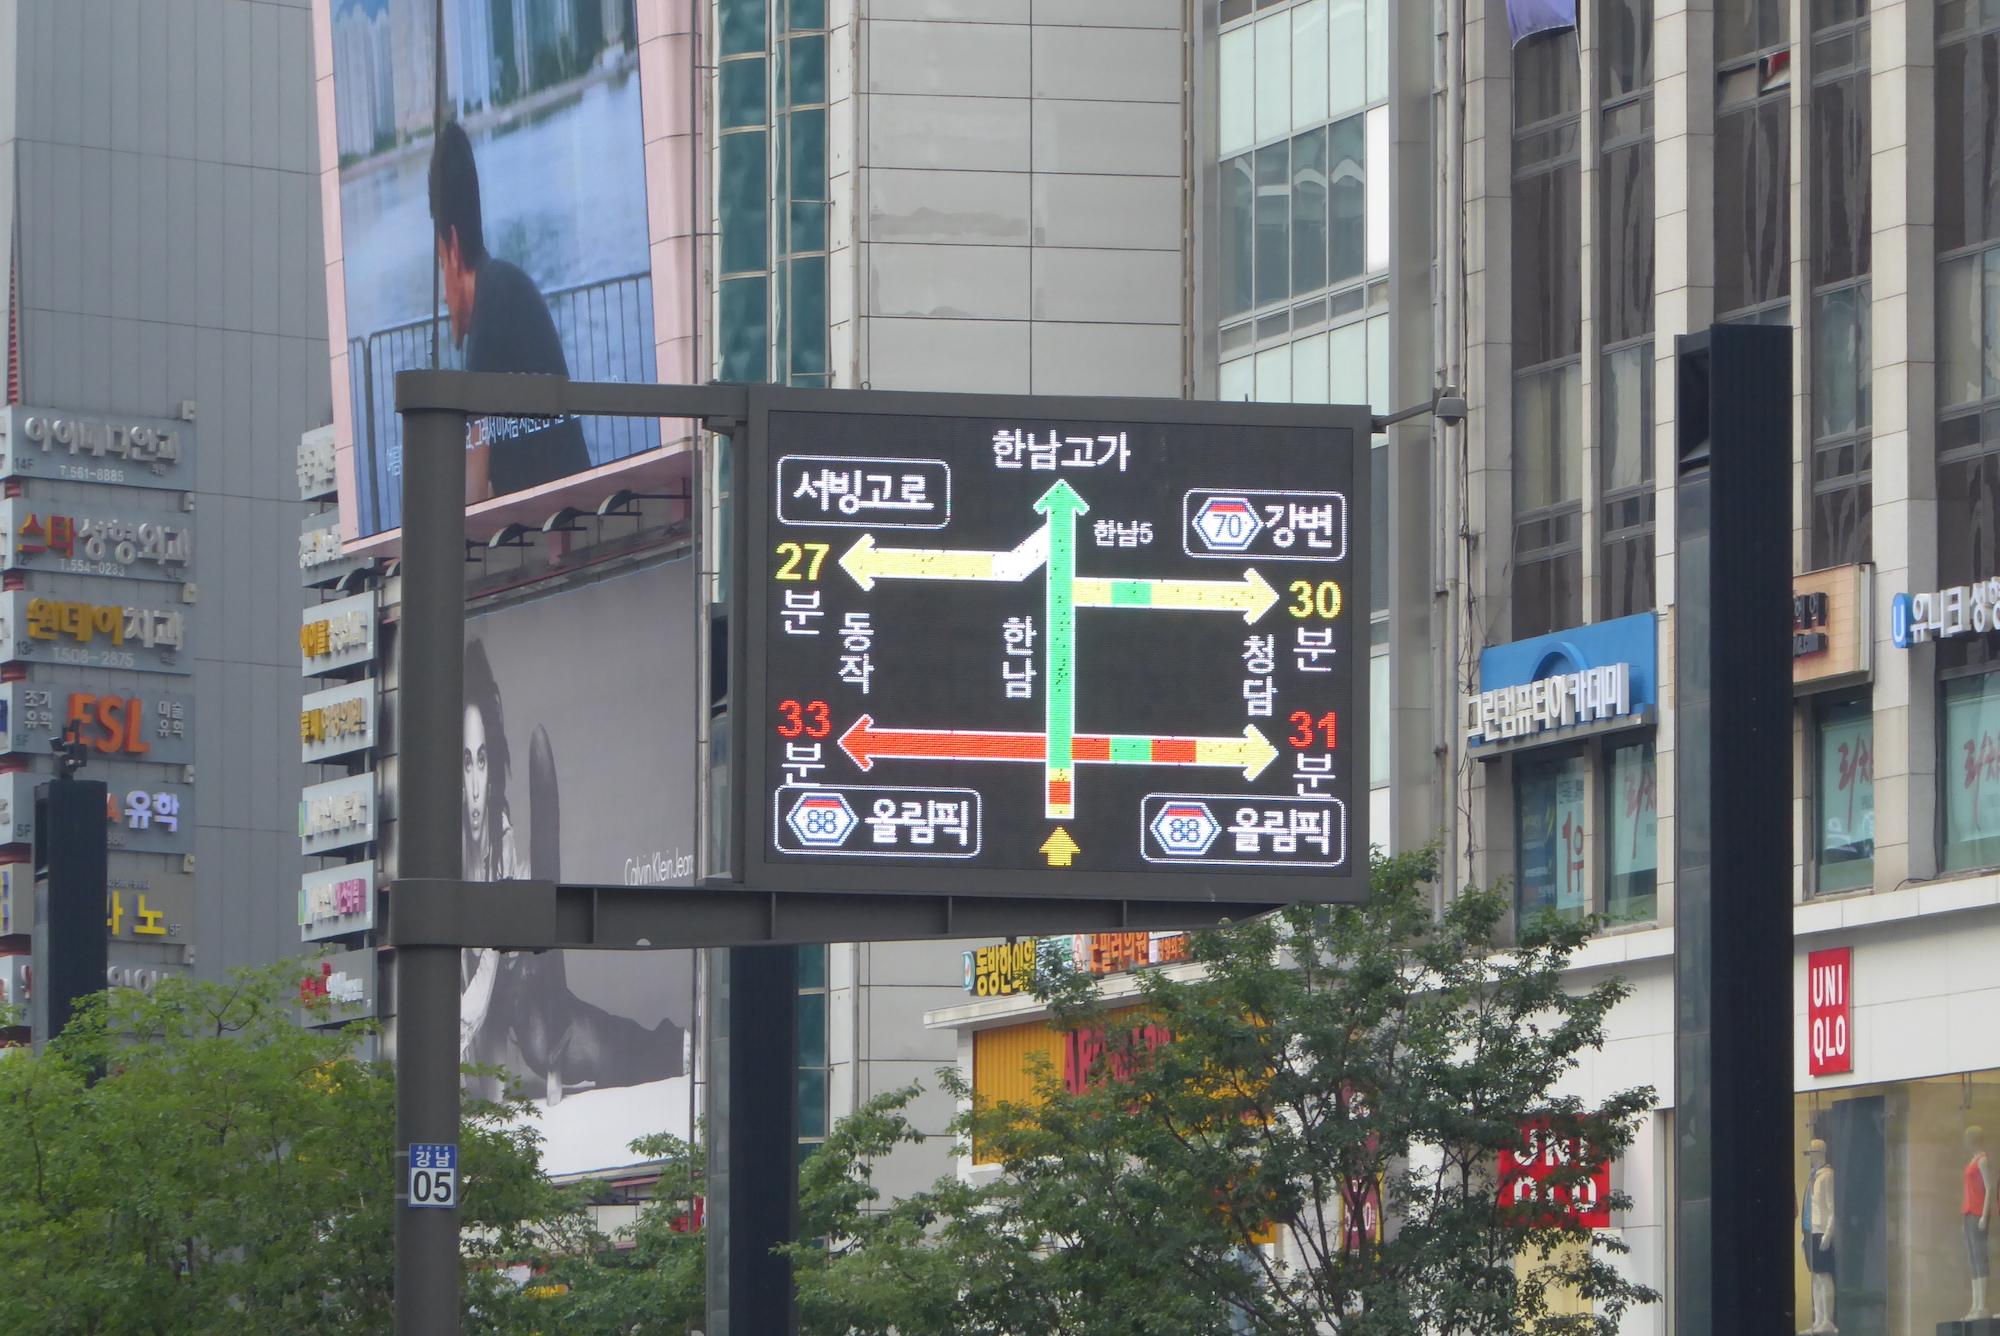 Coreeseoul00027